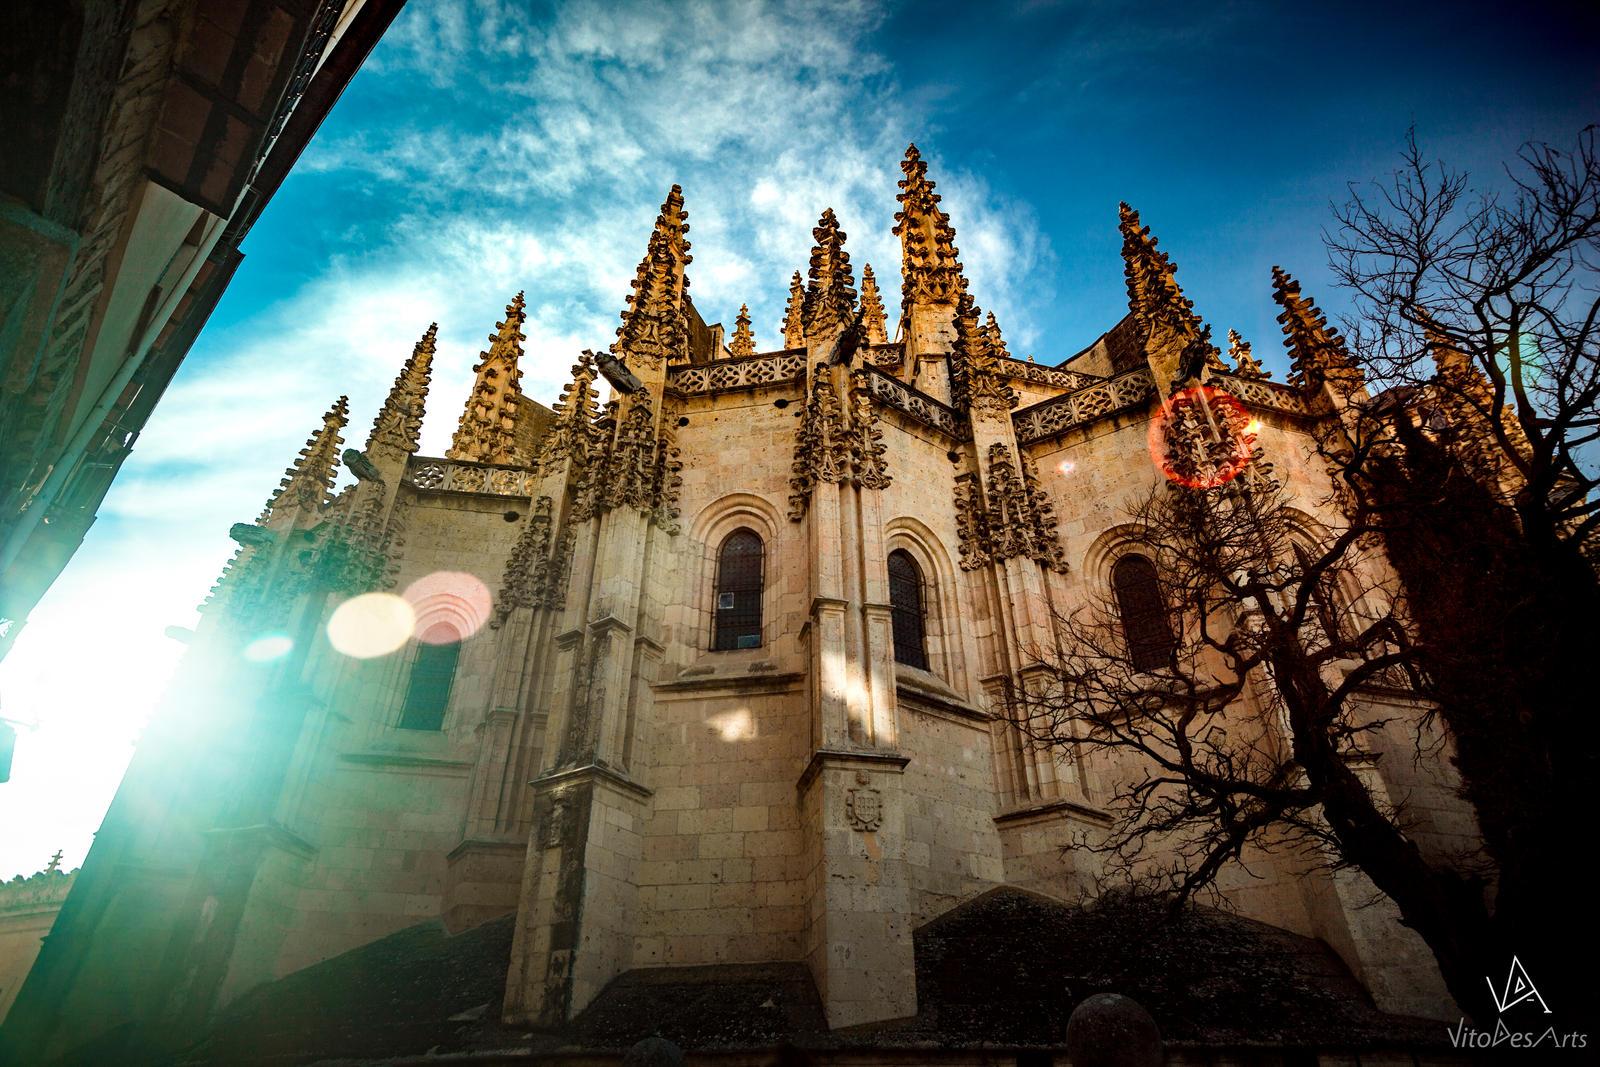 Segovia Cathedral #1 by VitoDesArts